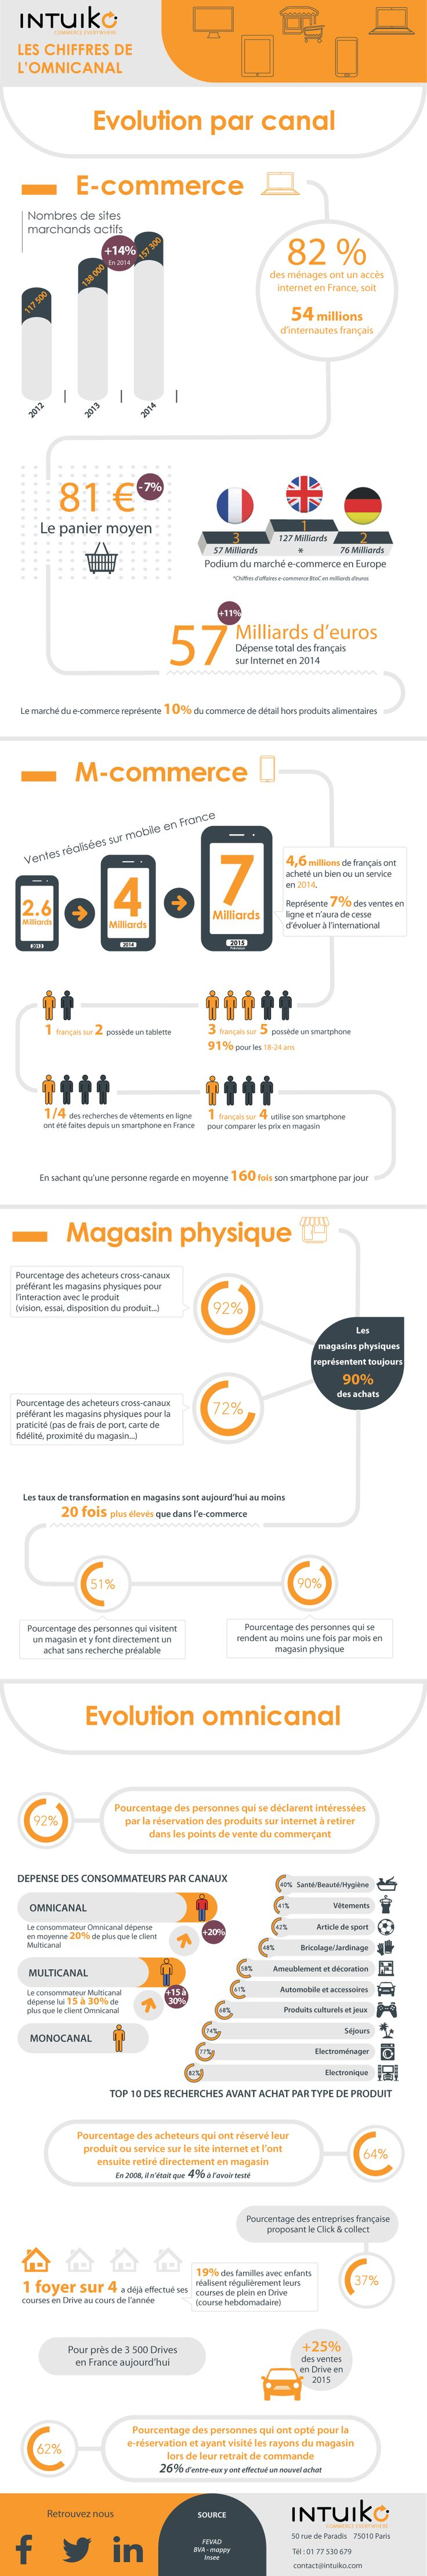 E–commerce, M-commerce, magasin physique : les chiffres par canal de distribution